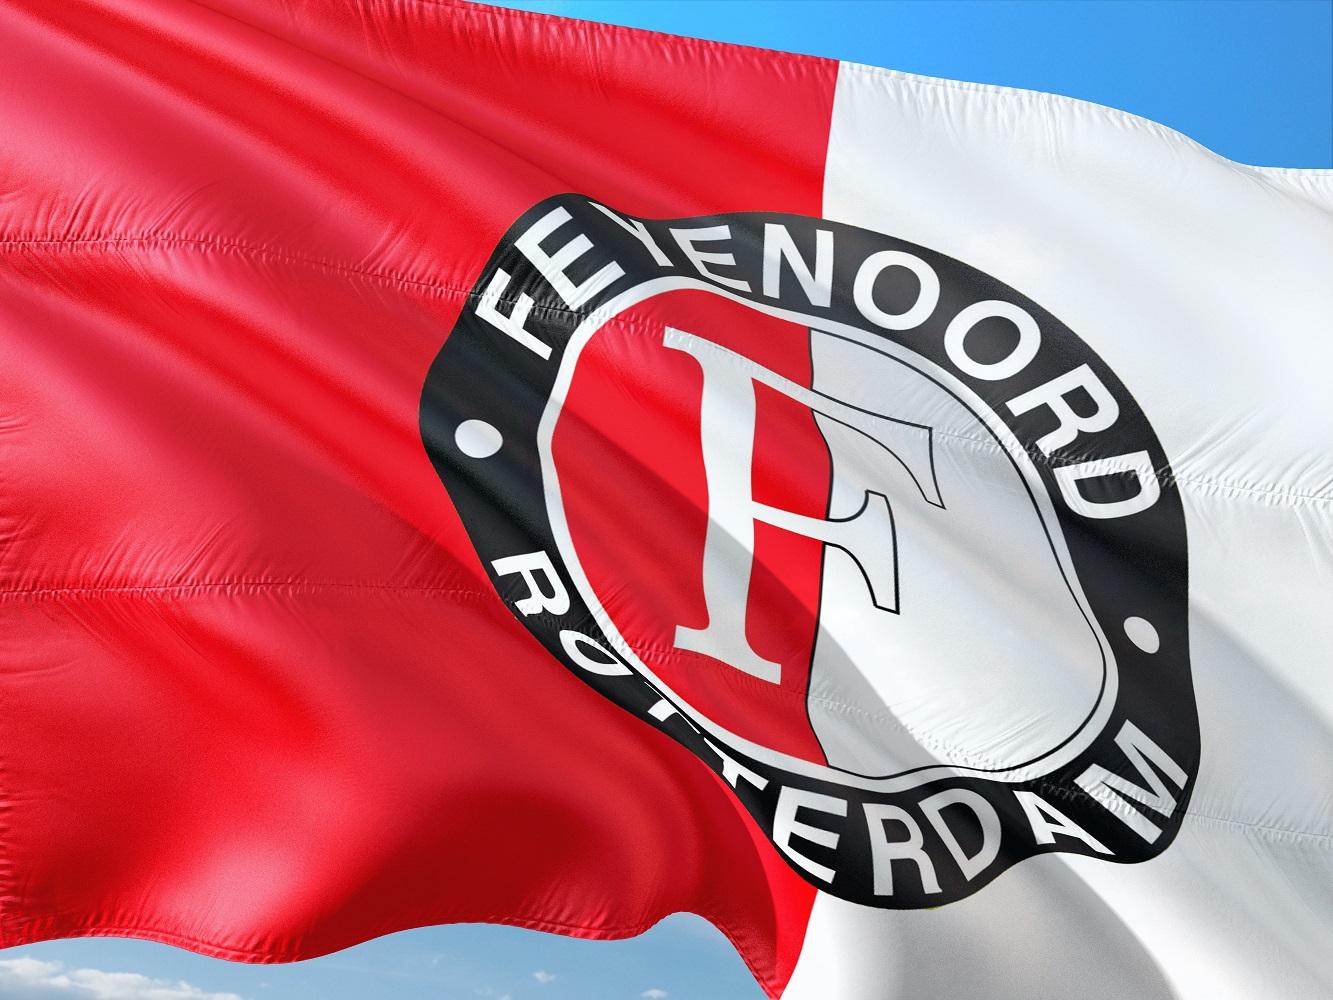 Feijenoord Rotterdam stadion voor fotobehang